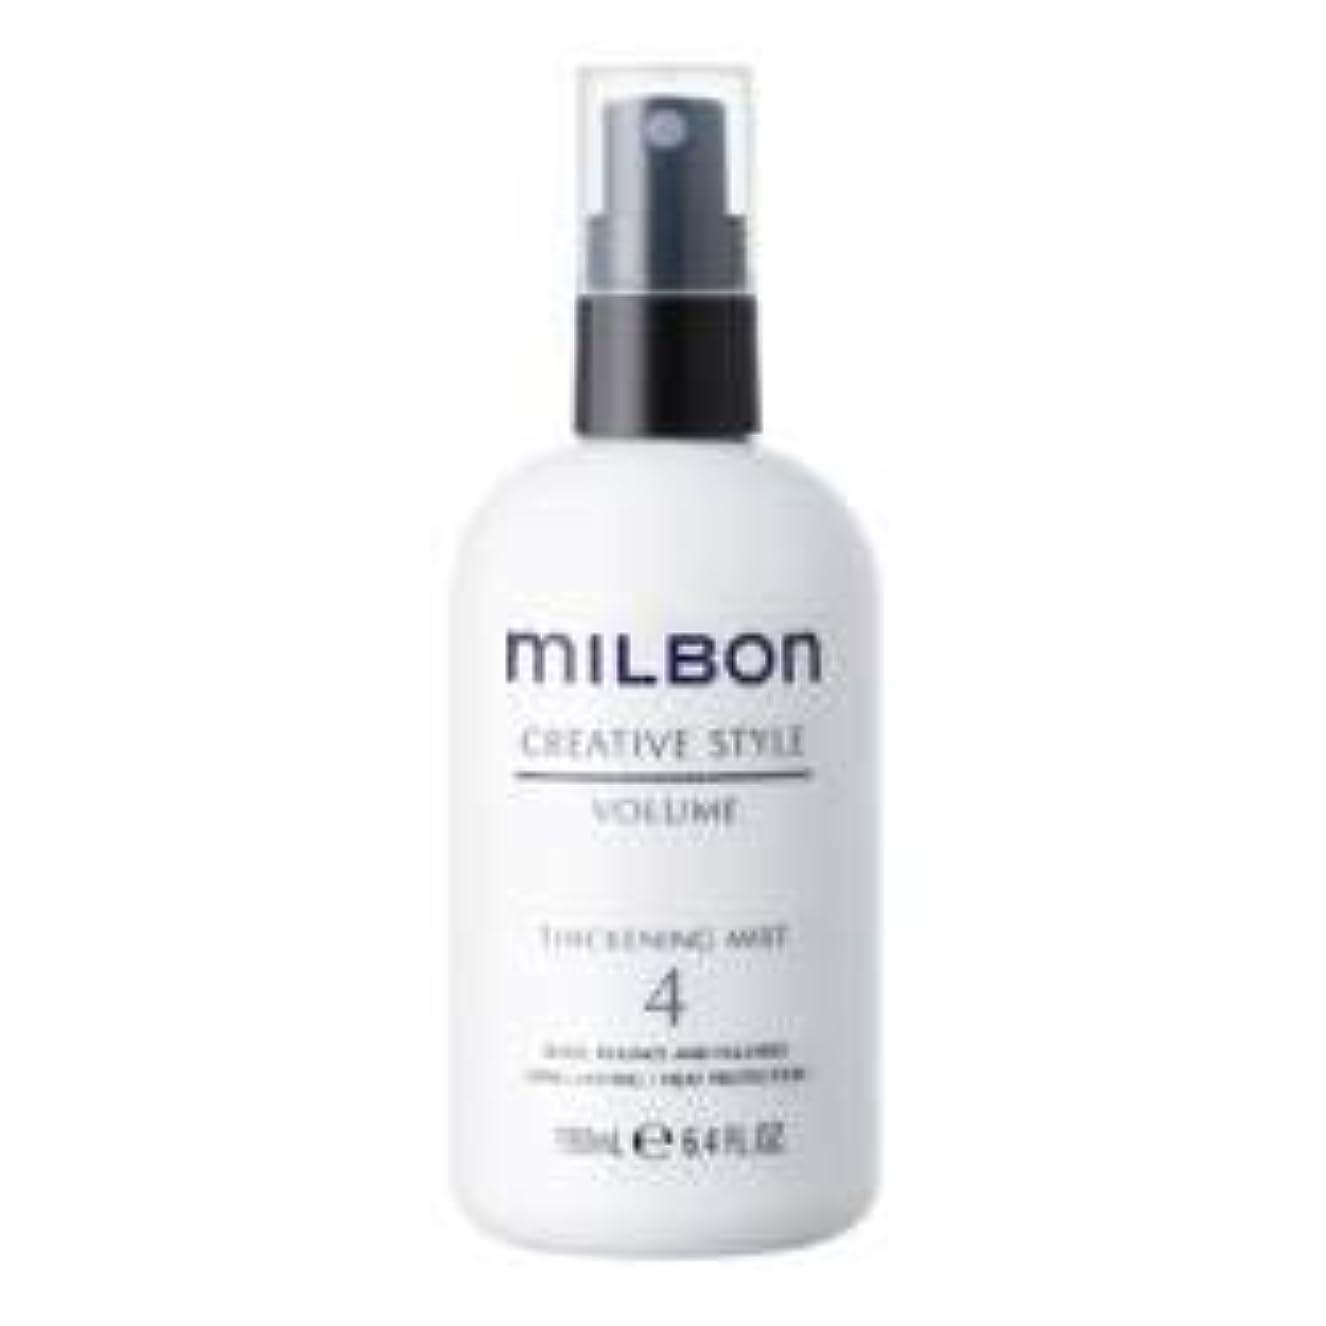 抑制する持続的代表するミルボン シックニング ミスト 4(190mL)